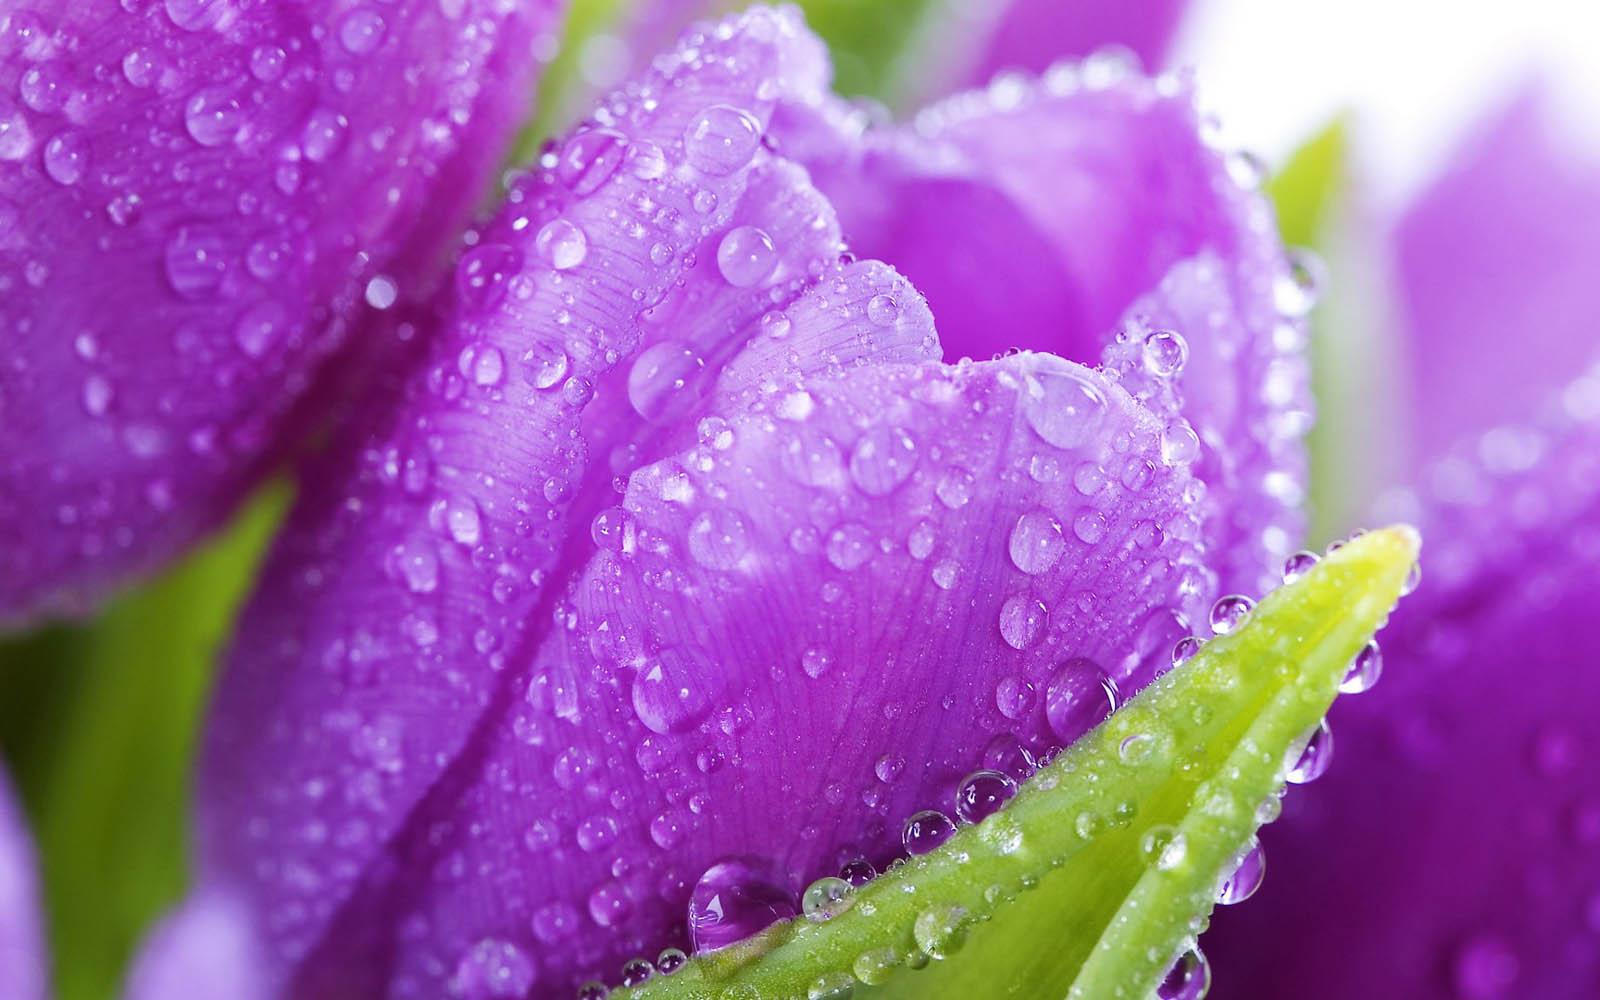 purple-flower-dew